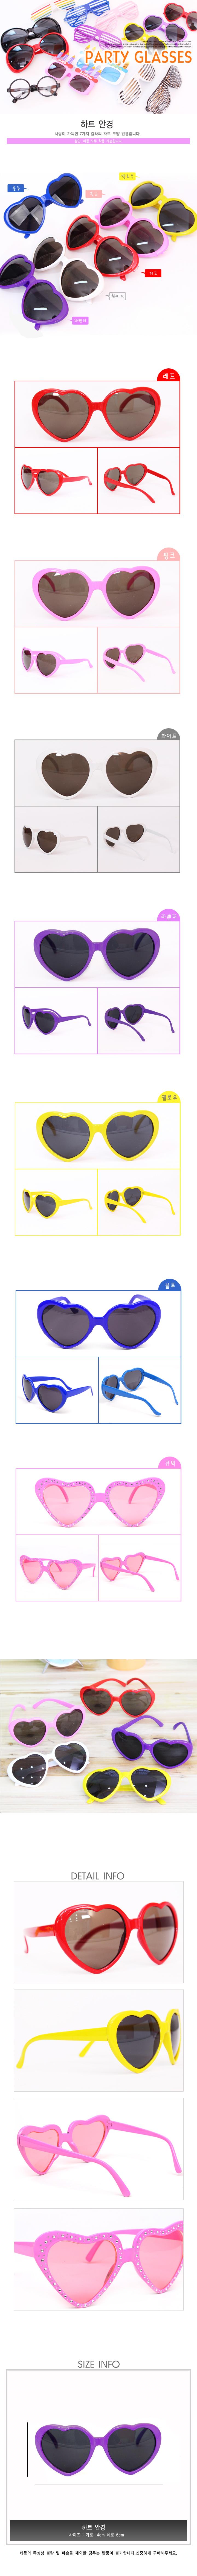 하트안경 4color - 파티해, 3,300원, 파티의상/잡화, 가면/안경